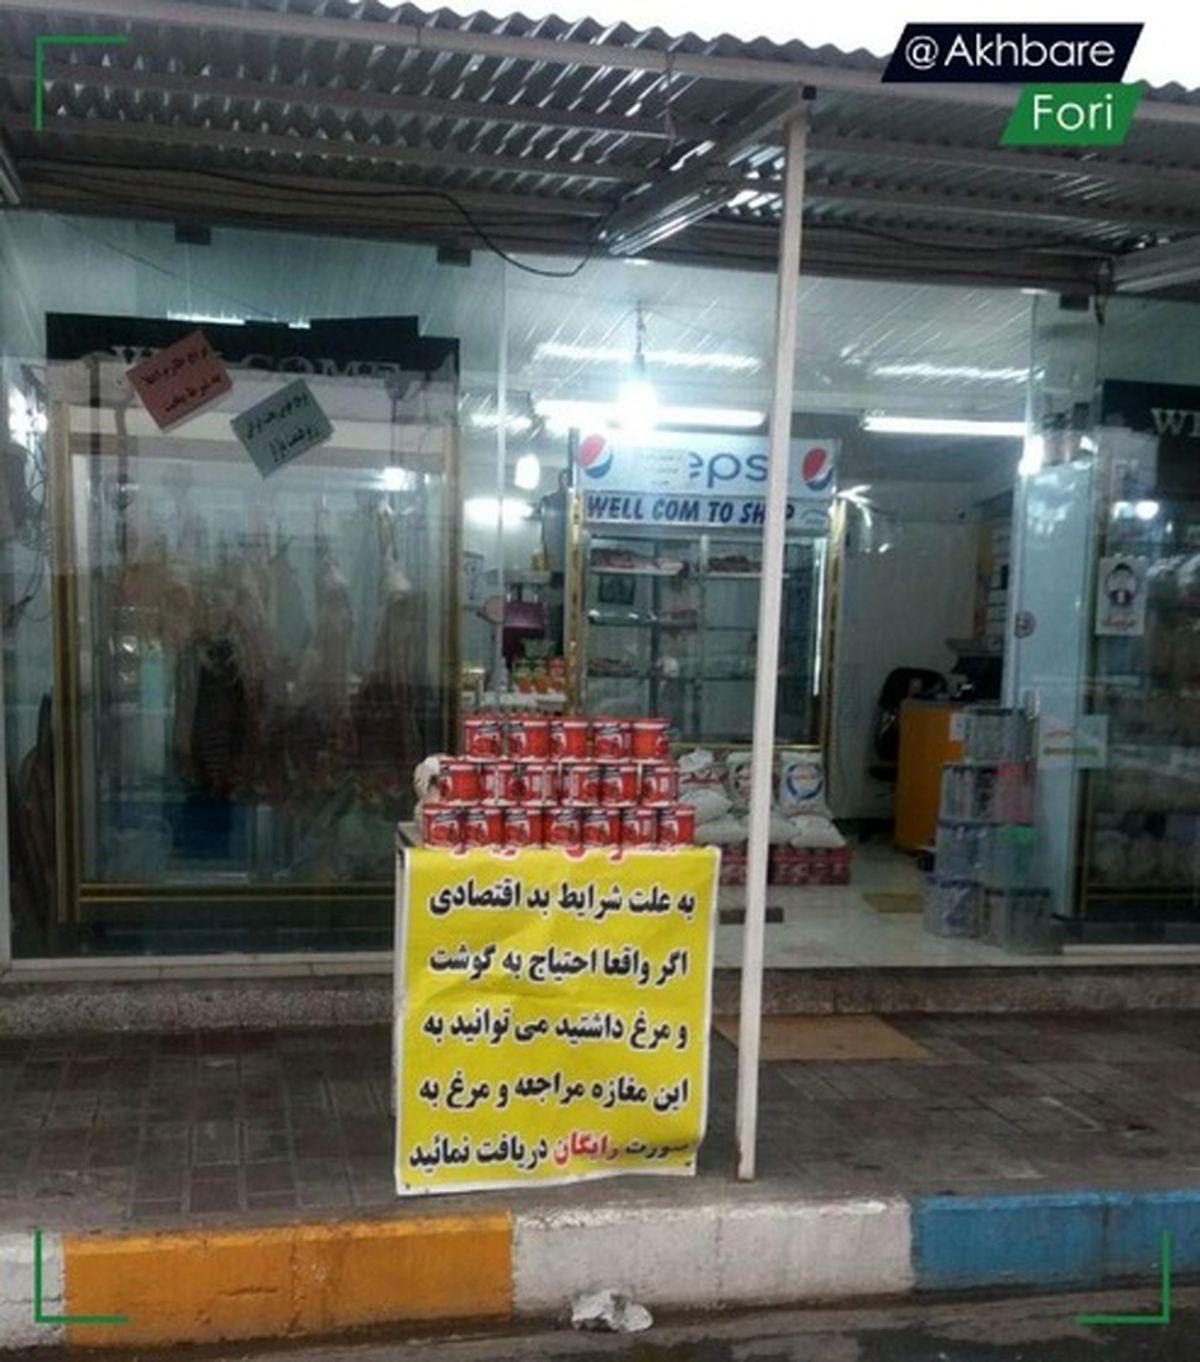 حرکت زیبا صاحب یک سوپر گوشت در تهران +عکس